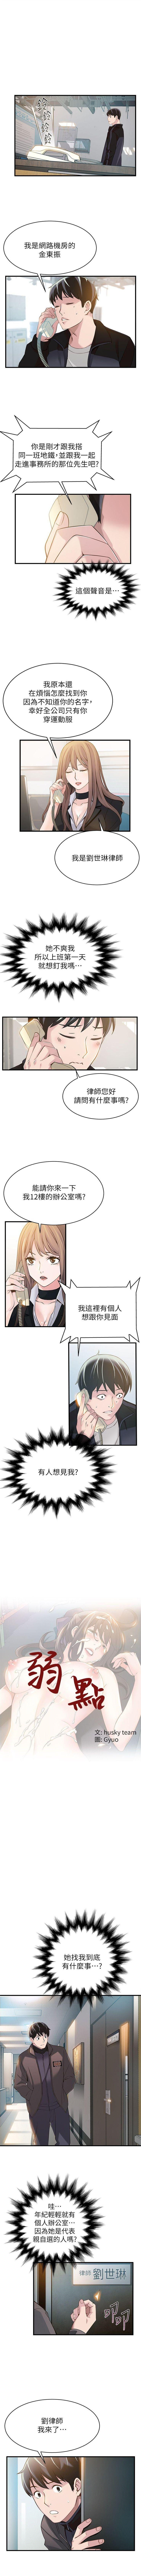 弱点 1-64 中文翻译(更新中) 29